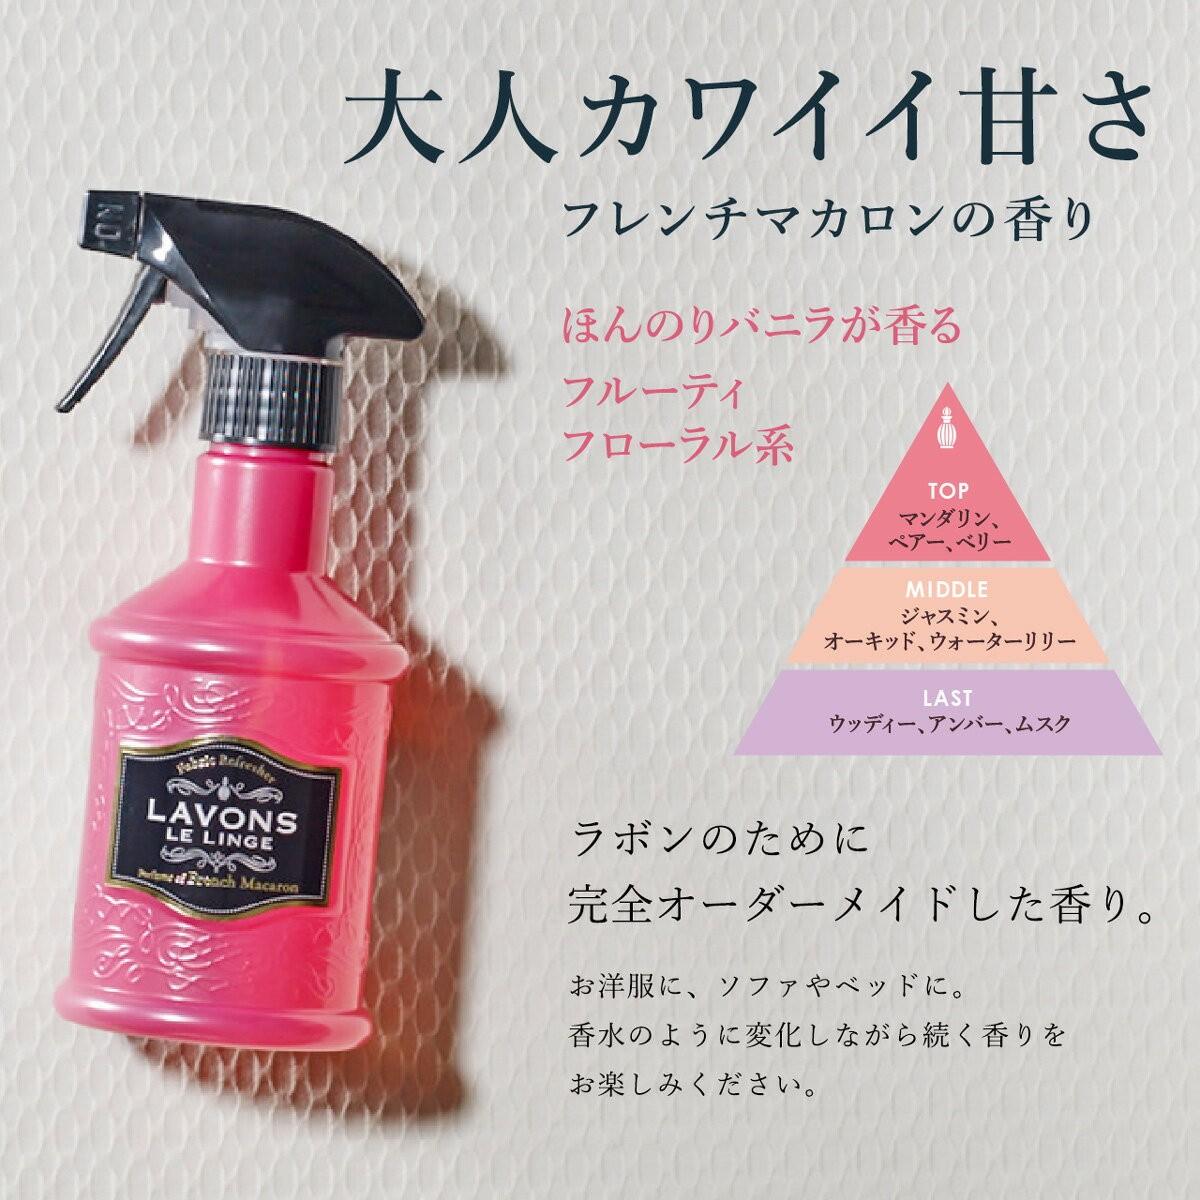 ネイチャーラボYahoo公式:ラボン ファブリックミスト フレンチマカロンの香り 370ml・イメージ写真5